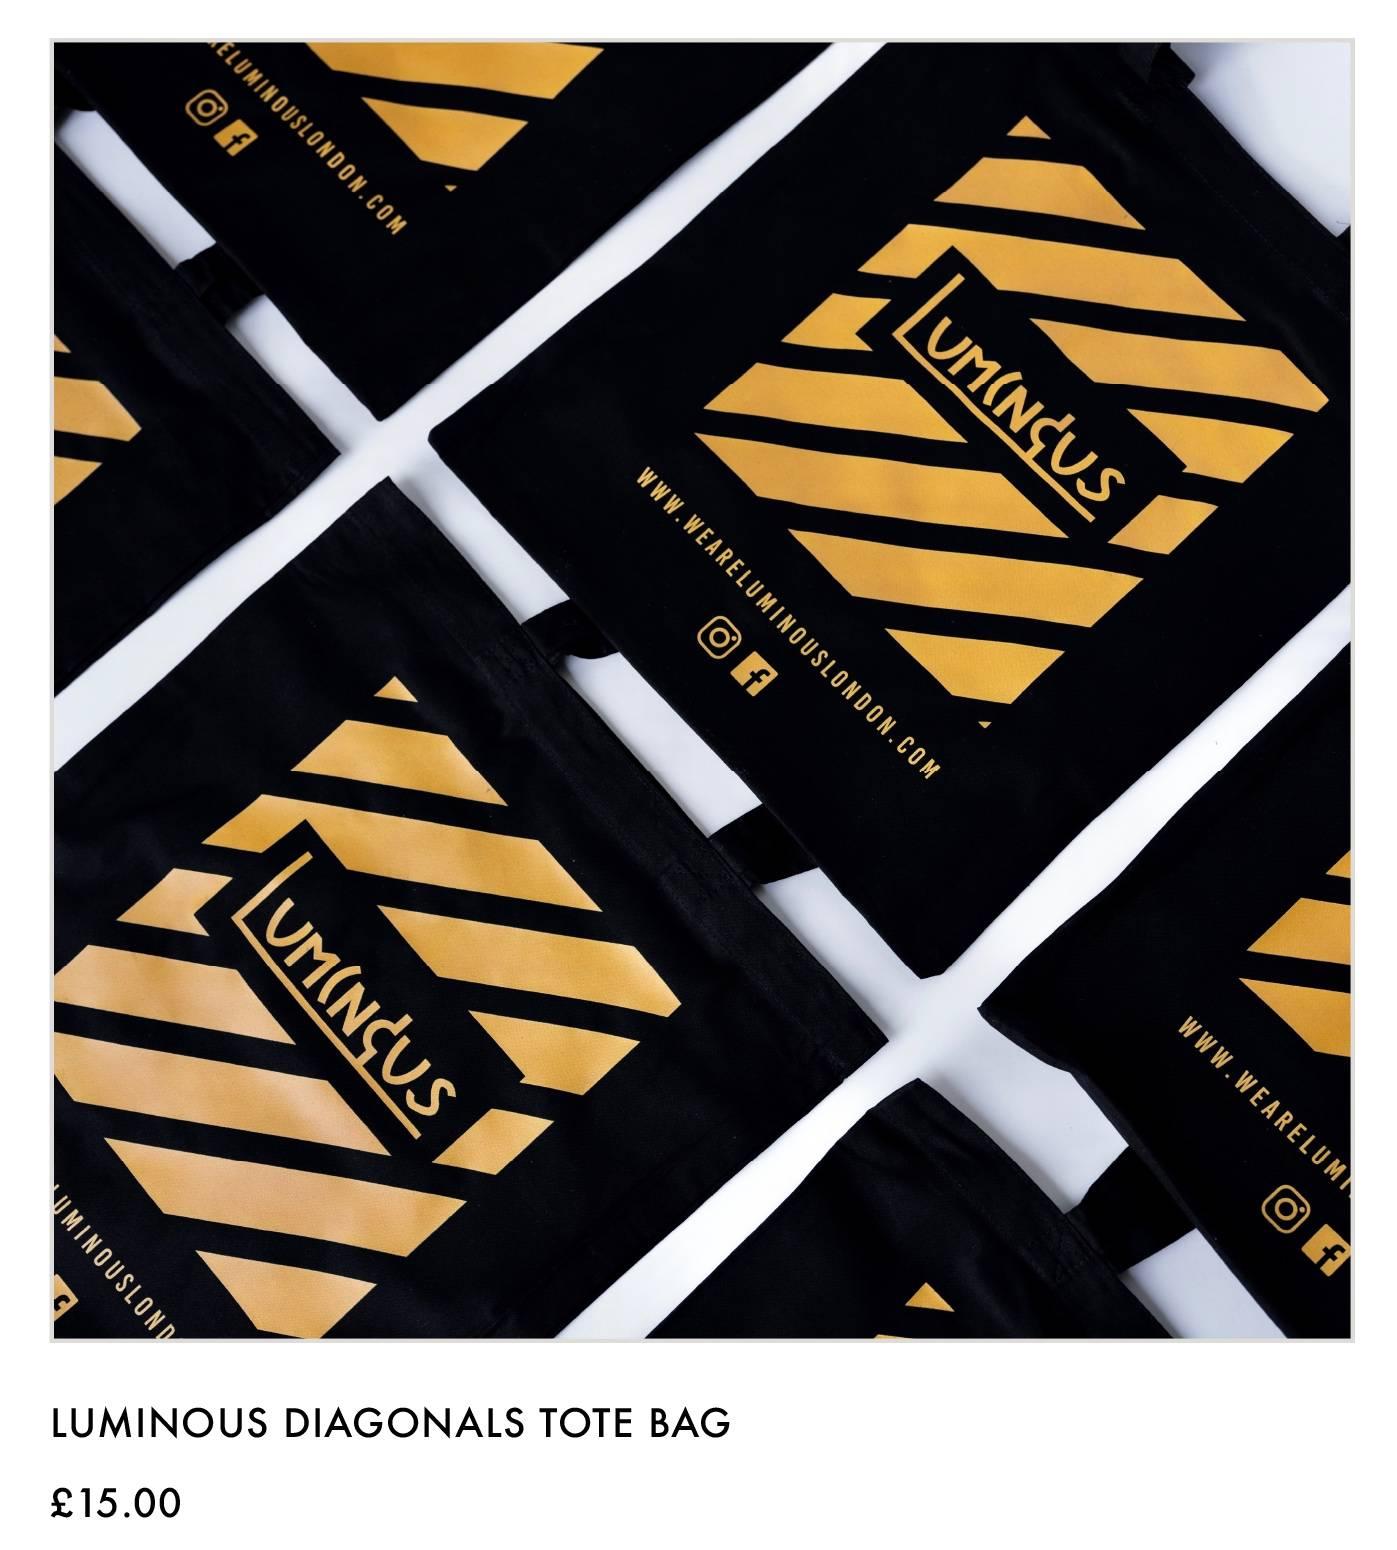 Luminous Diagonals Tote Bag